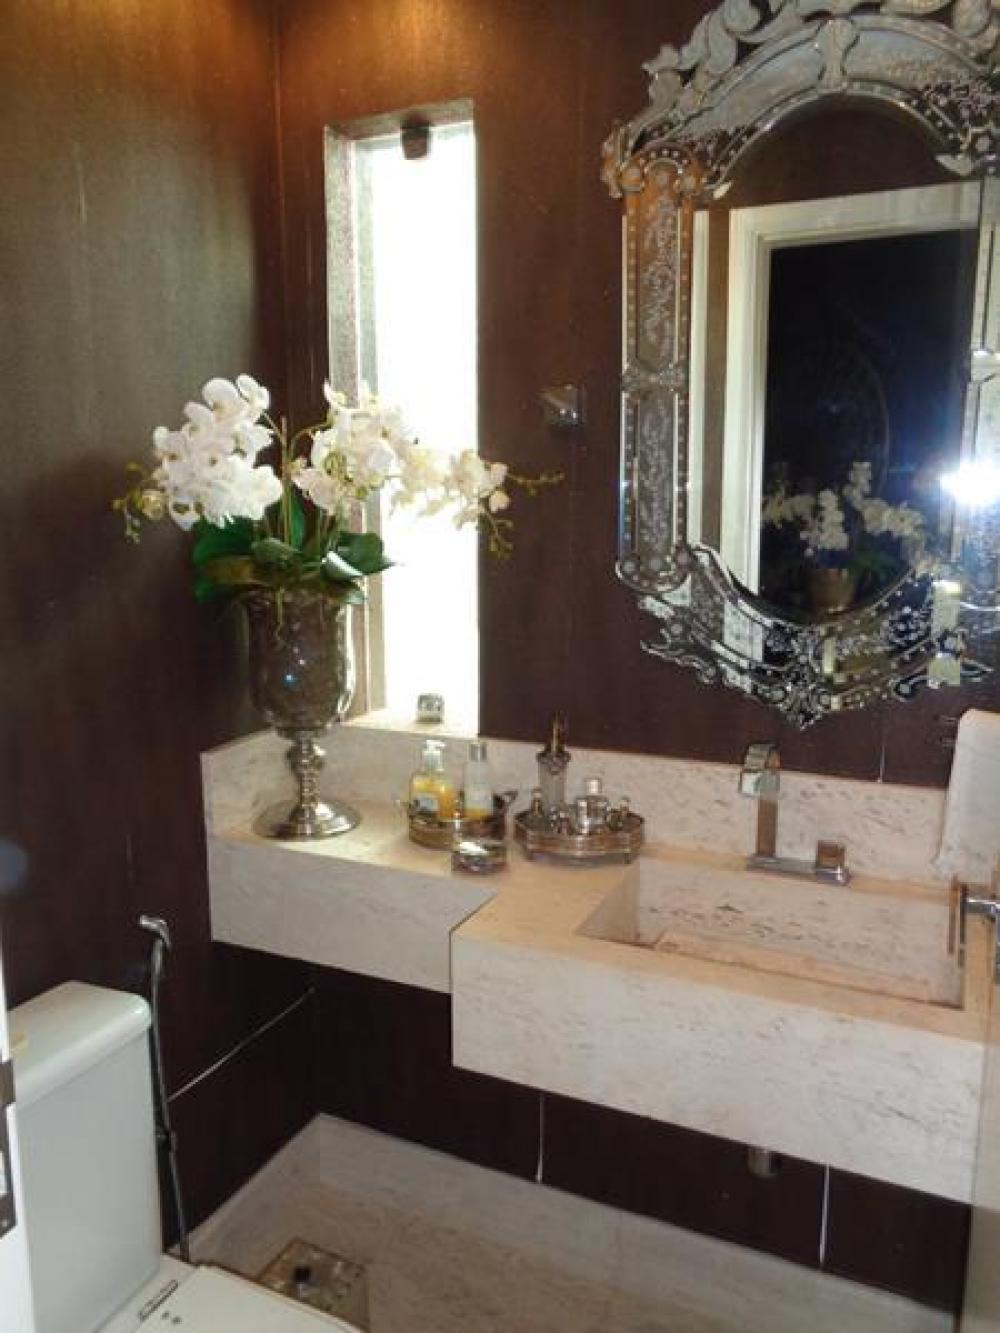 Comprar Apartamento / Padrão em São José do Rio Preto apenas R$ 1.100.000,00 - Foto 2